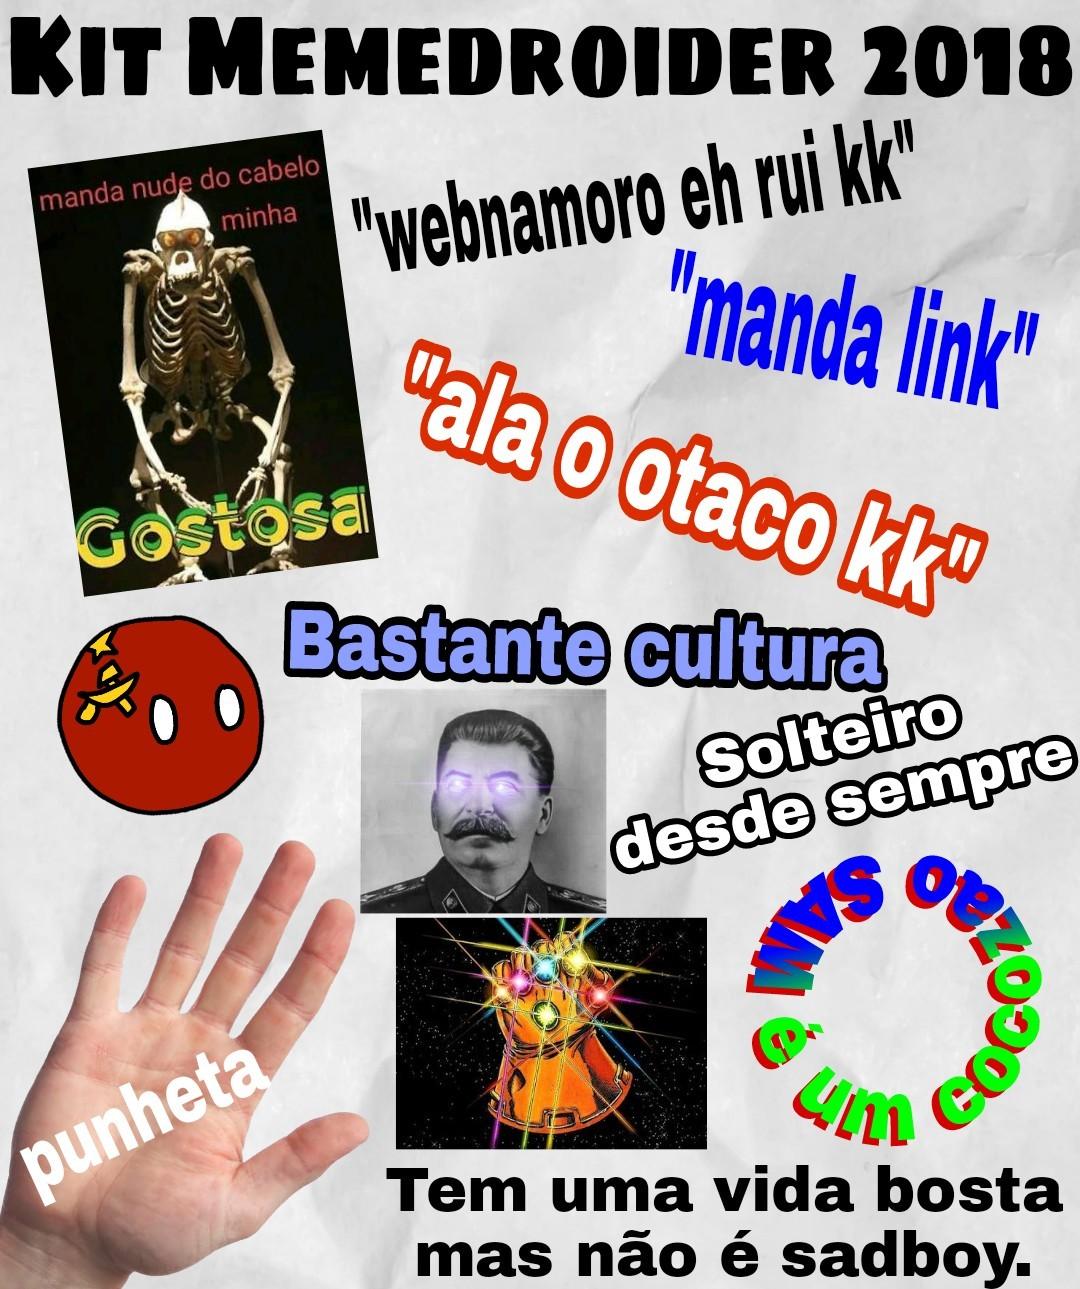 ala o otaco - meme